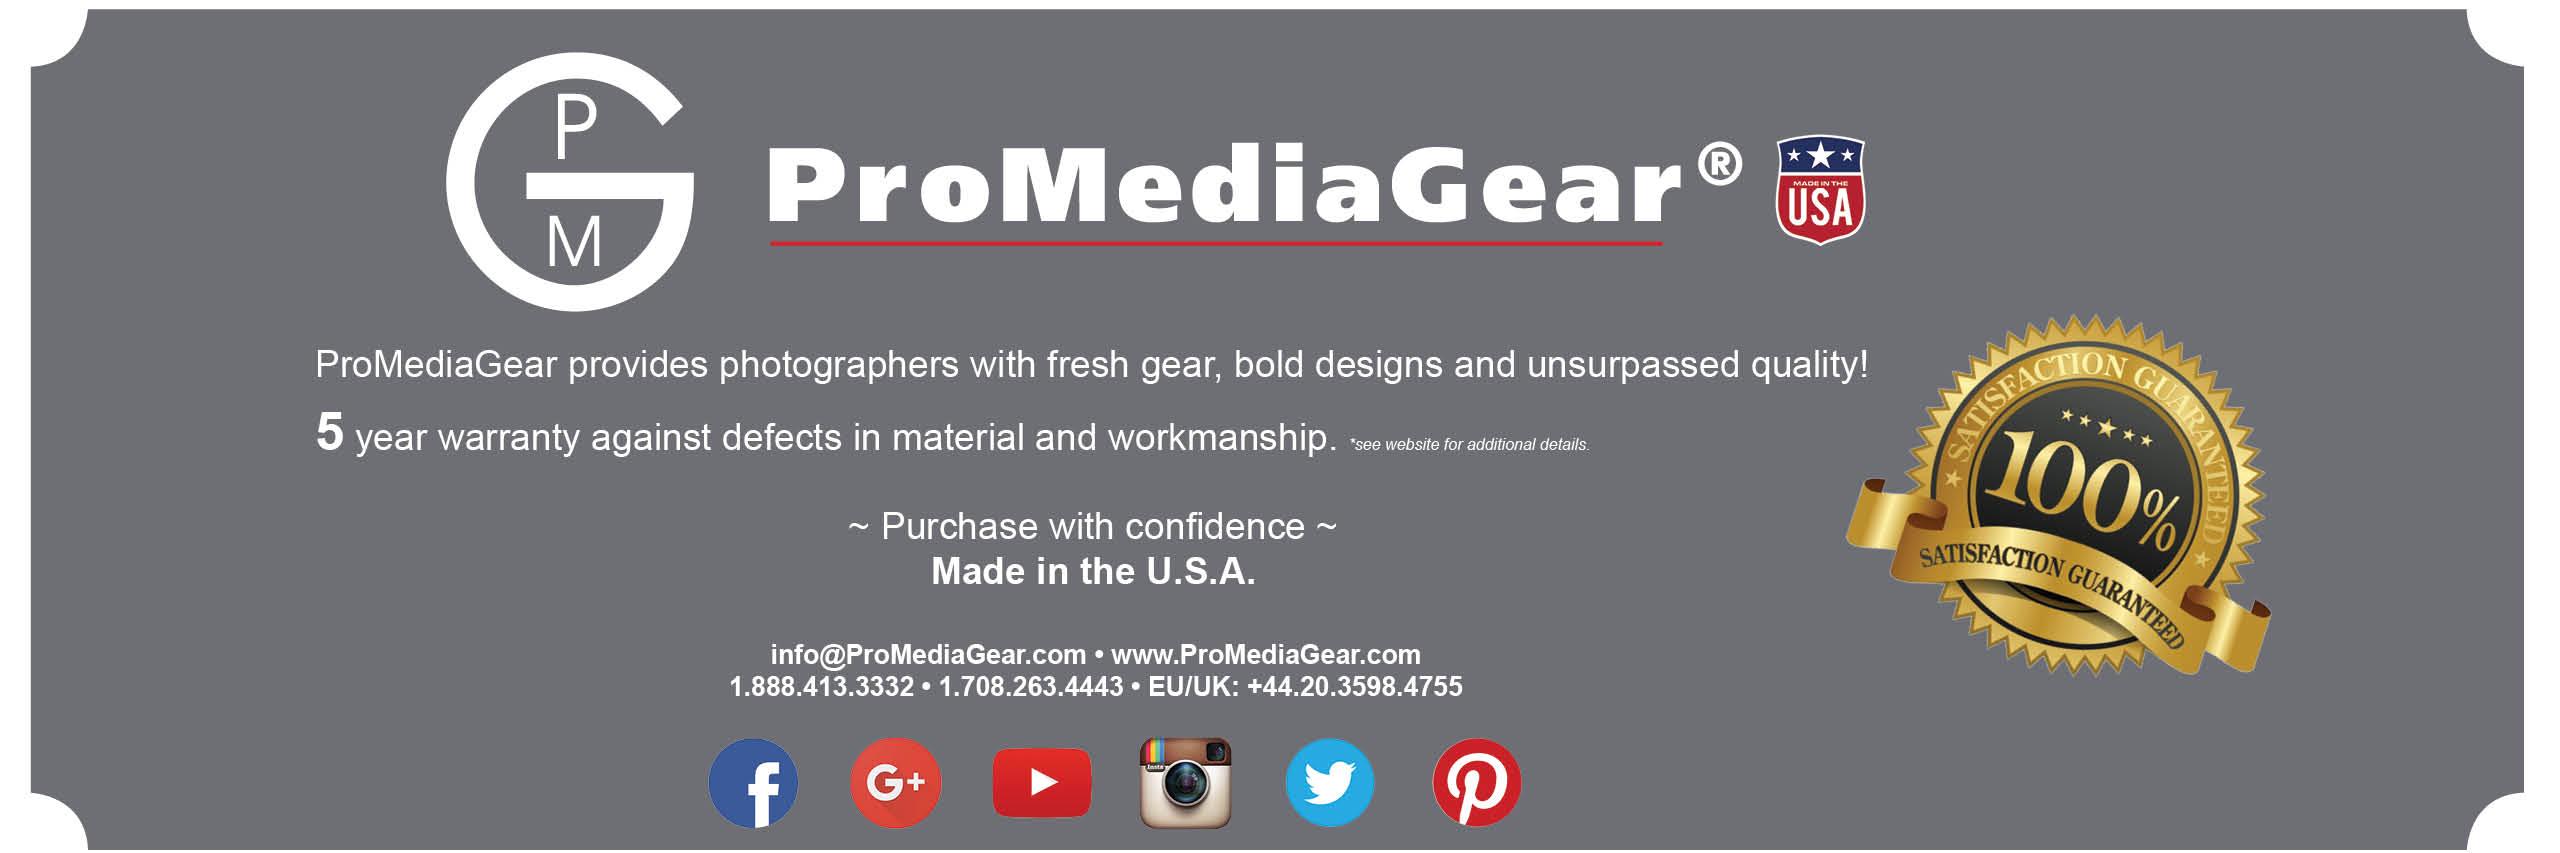 ProMediaGear Warranty